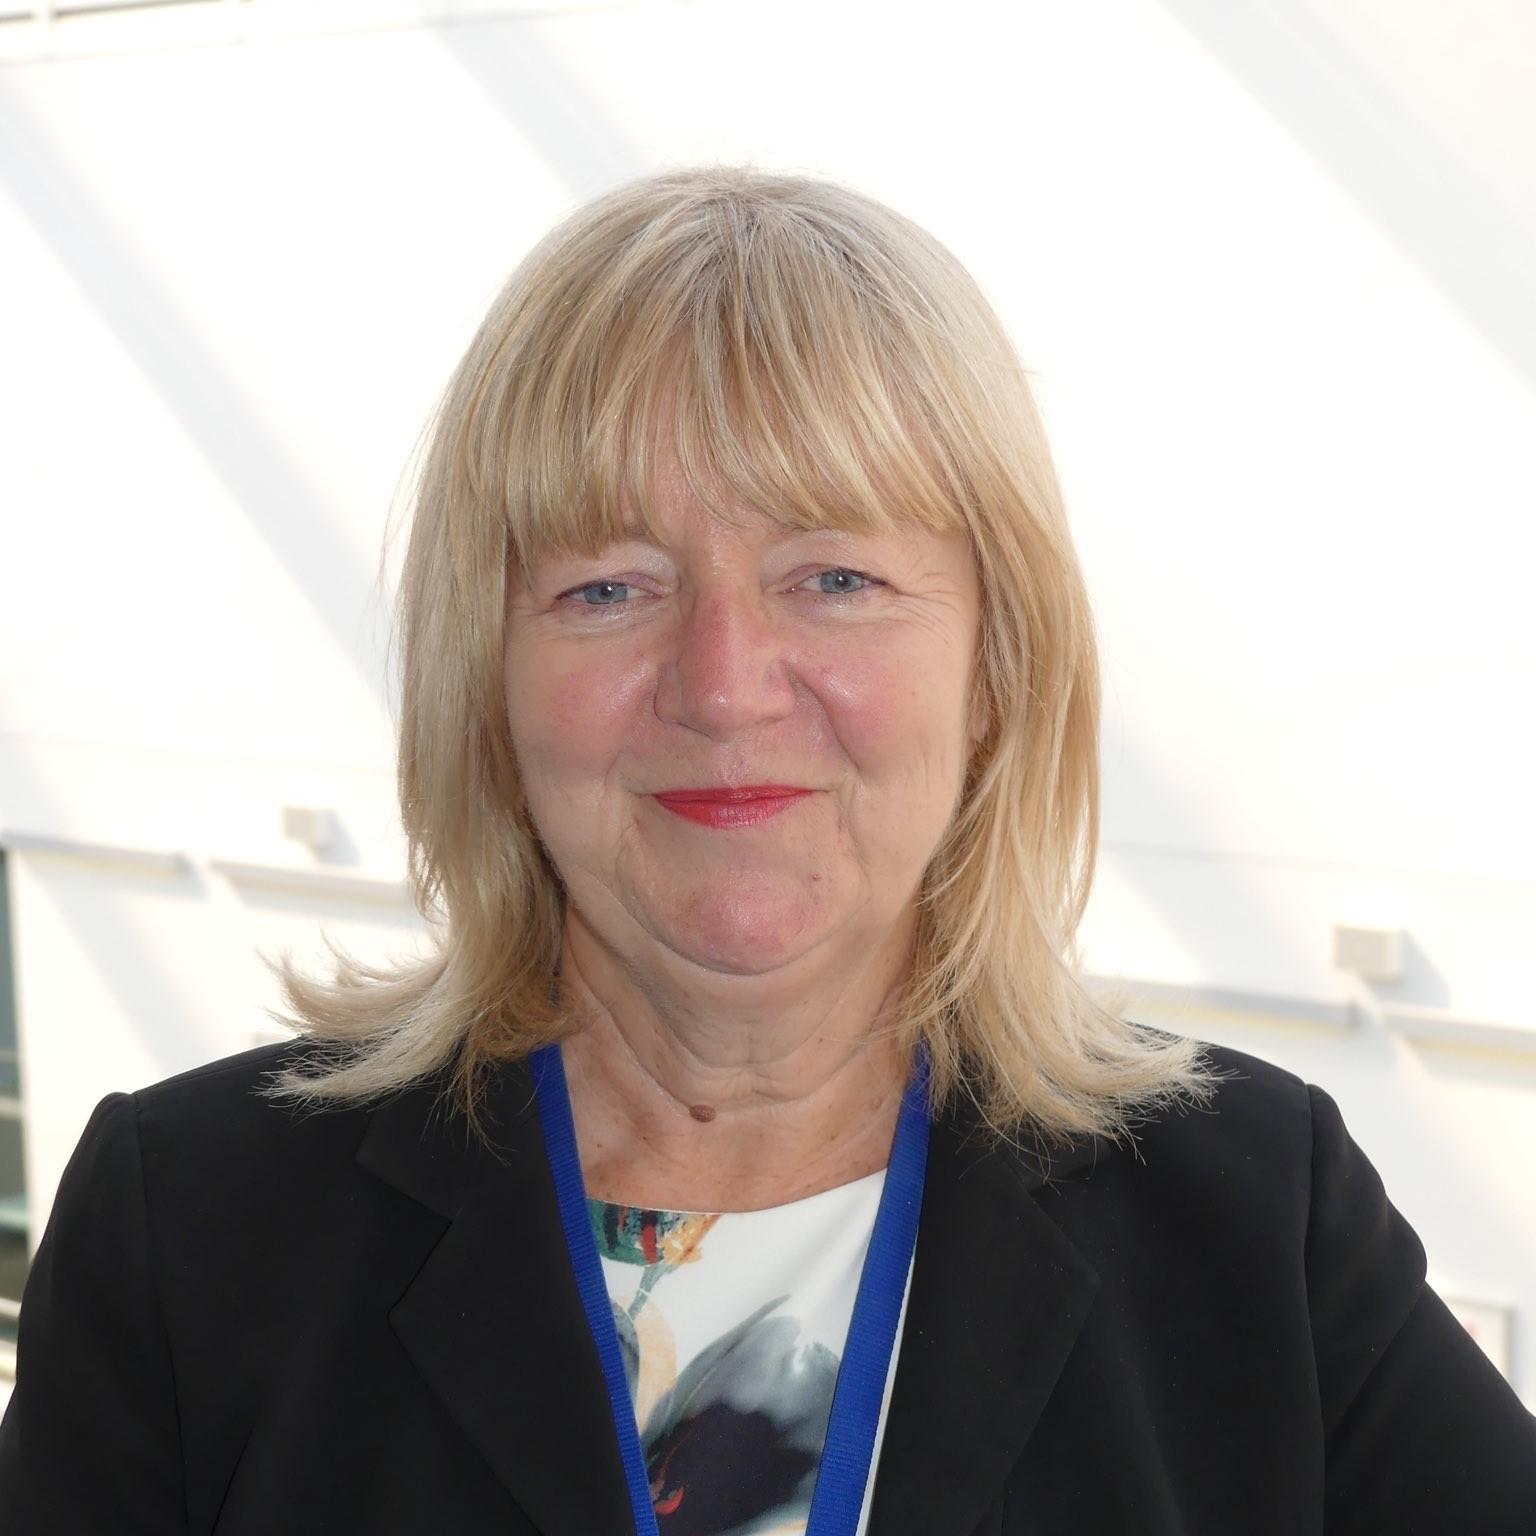 Gill Alton OBE